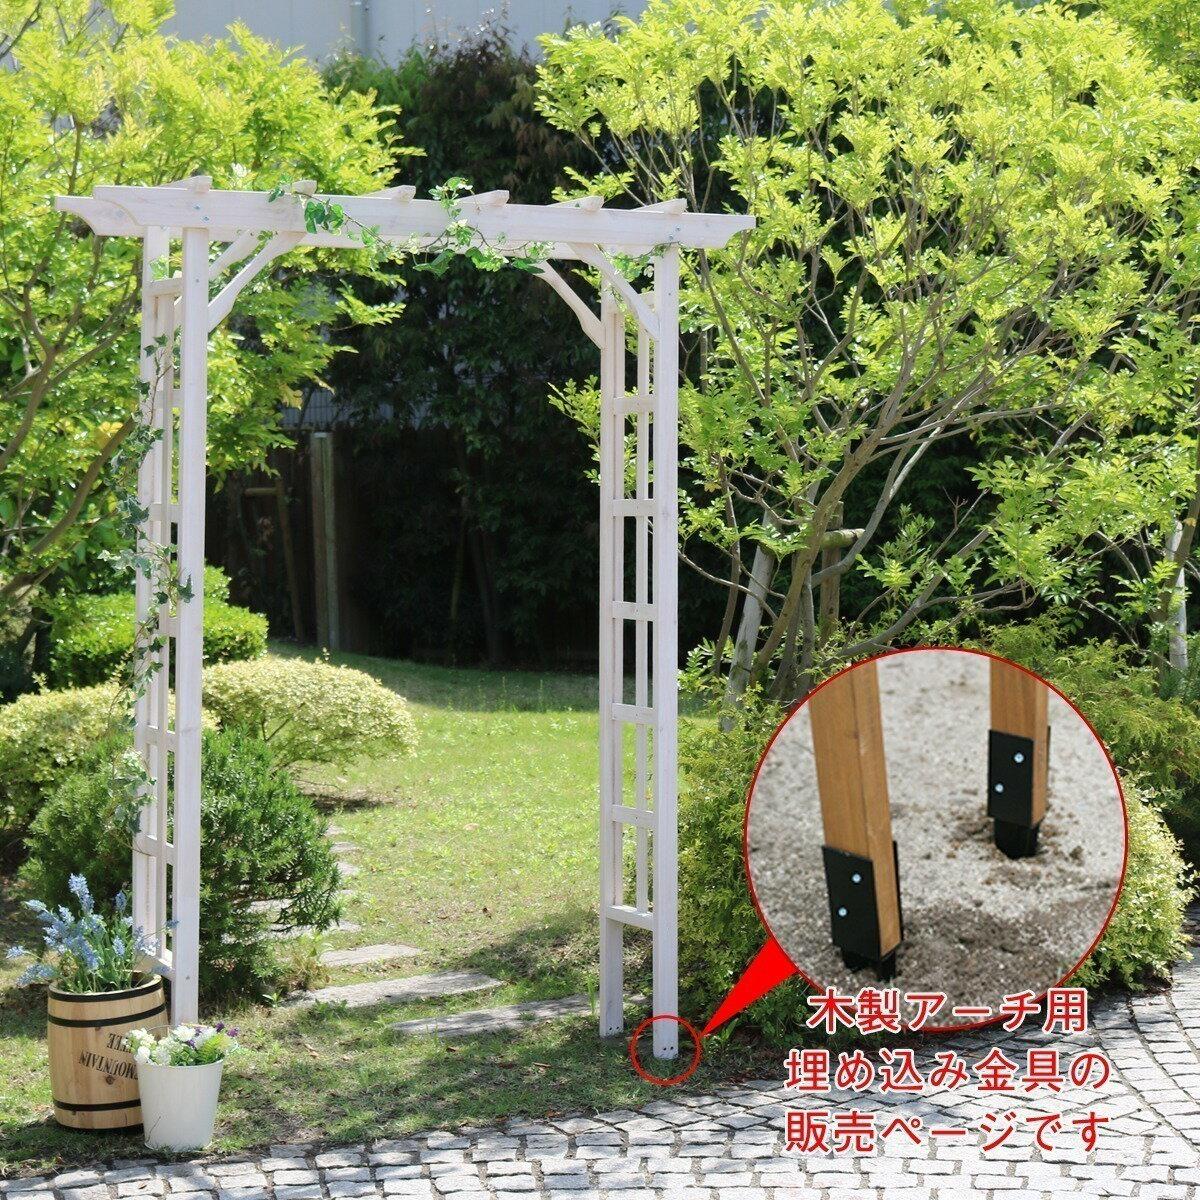 アーチ門木製バラ薔薇木製アーチ用埋め込み金具フェンスホワイトブラウンおしゃれ小型北欧ガーデニング屋外